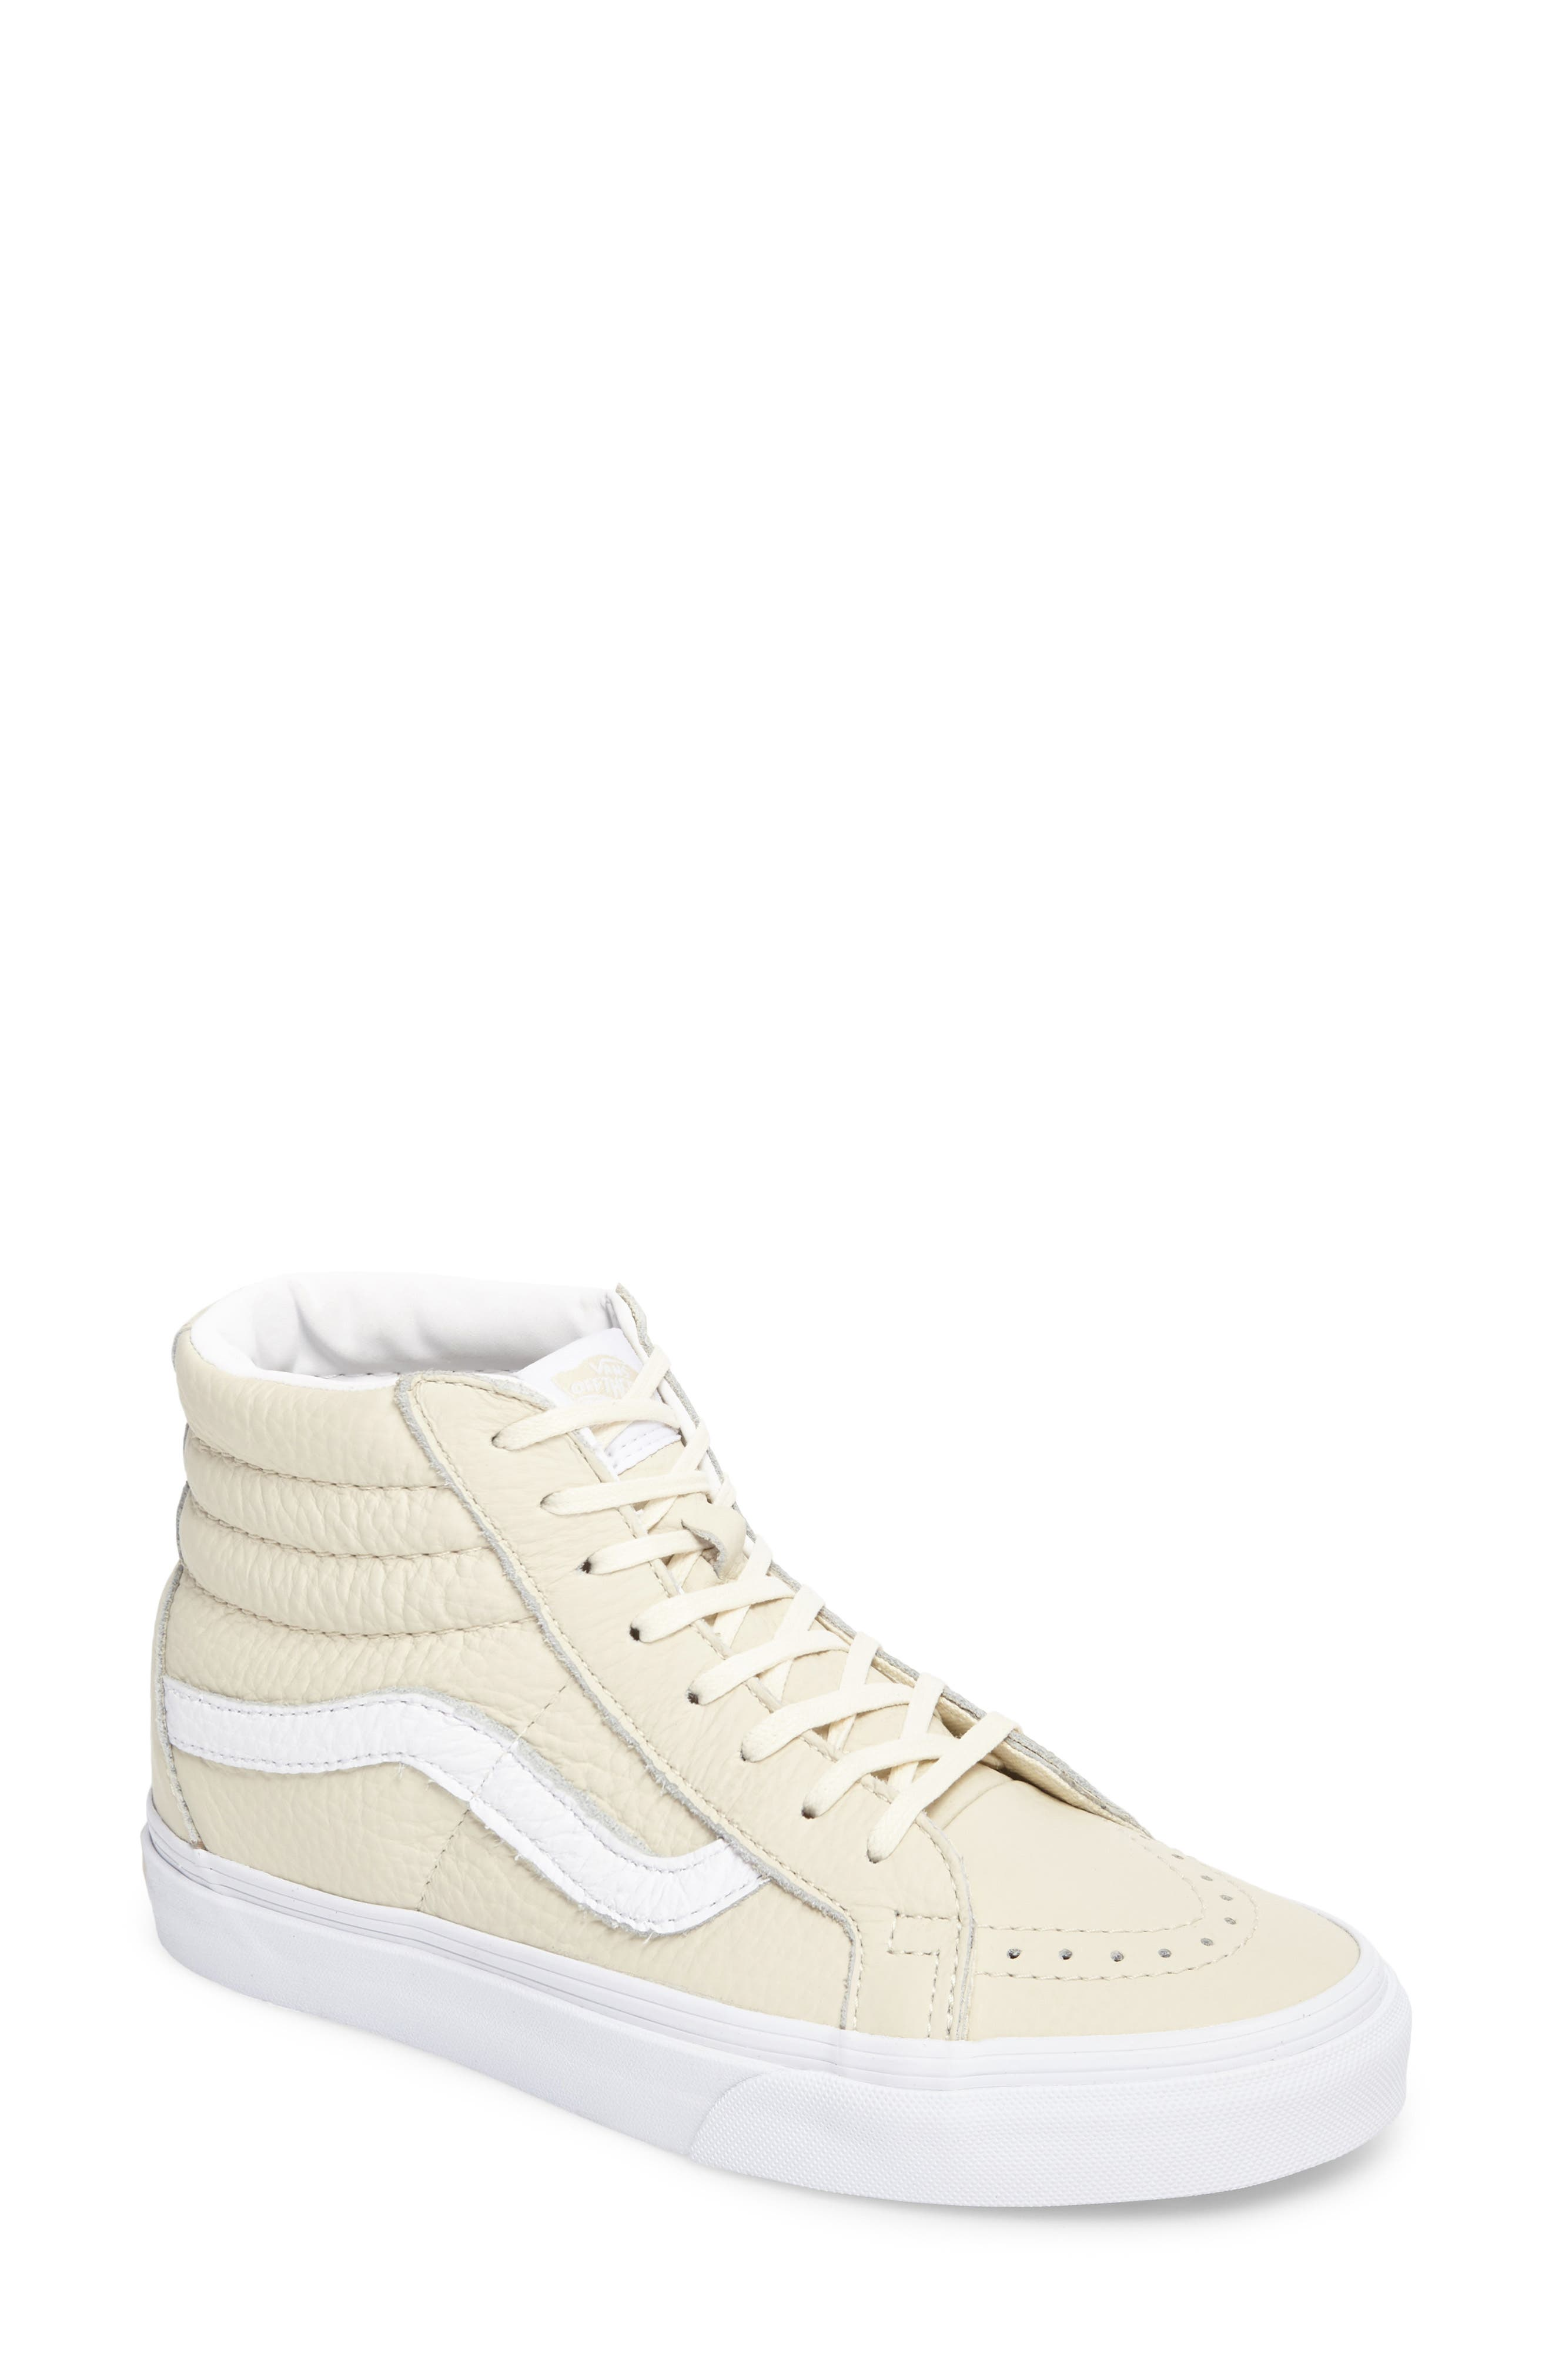 Vans SK8-Hi Reissue DX High Top Sneaker (Women)